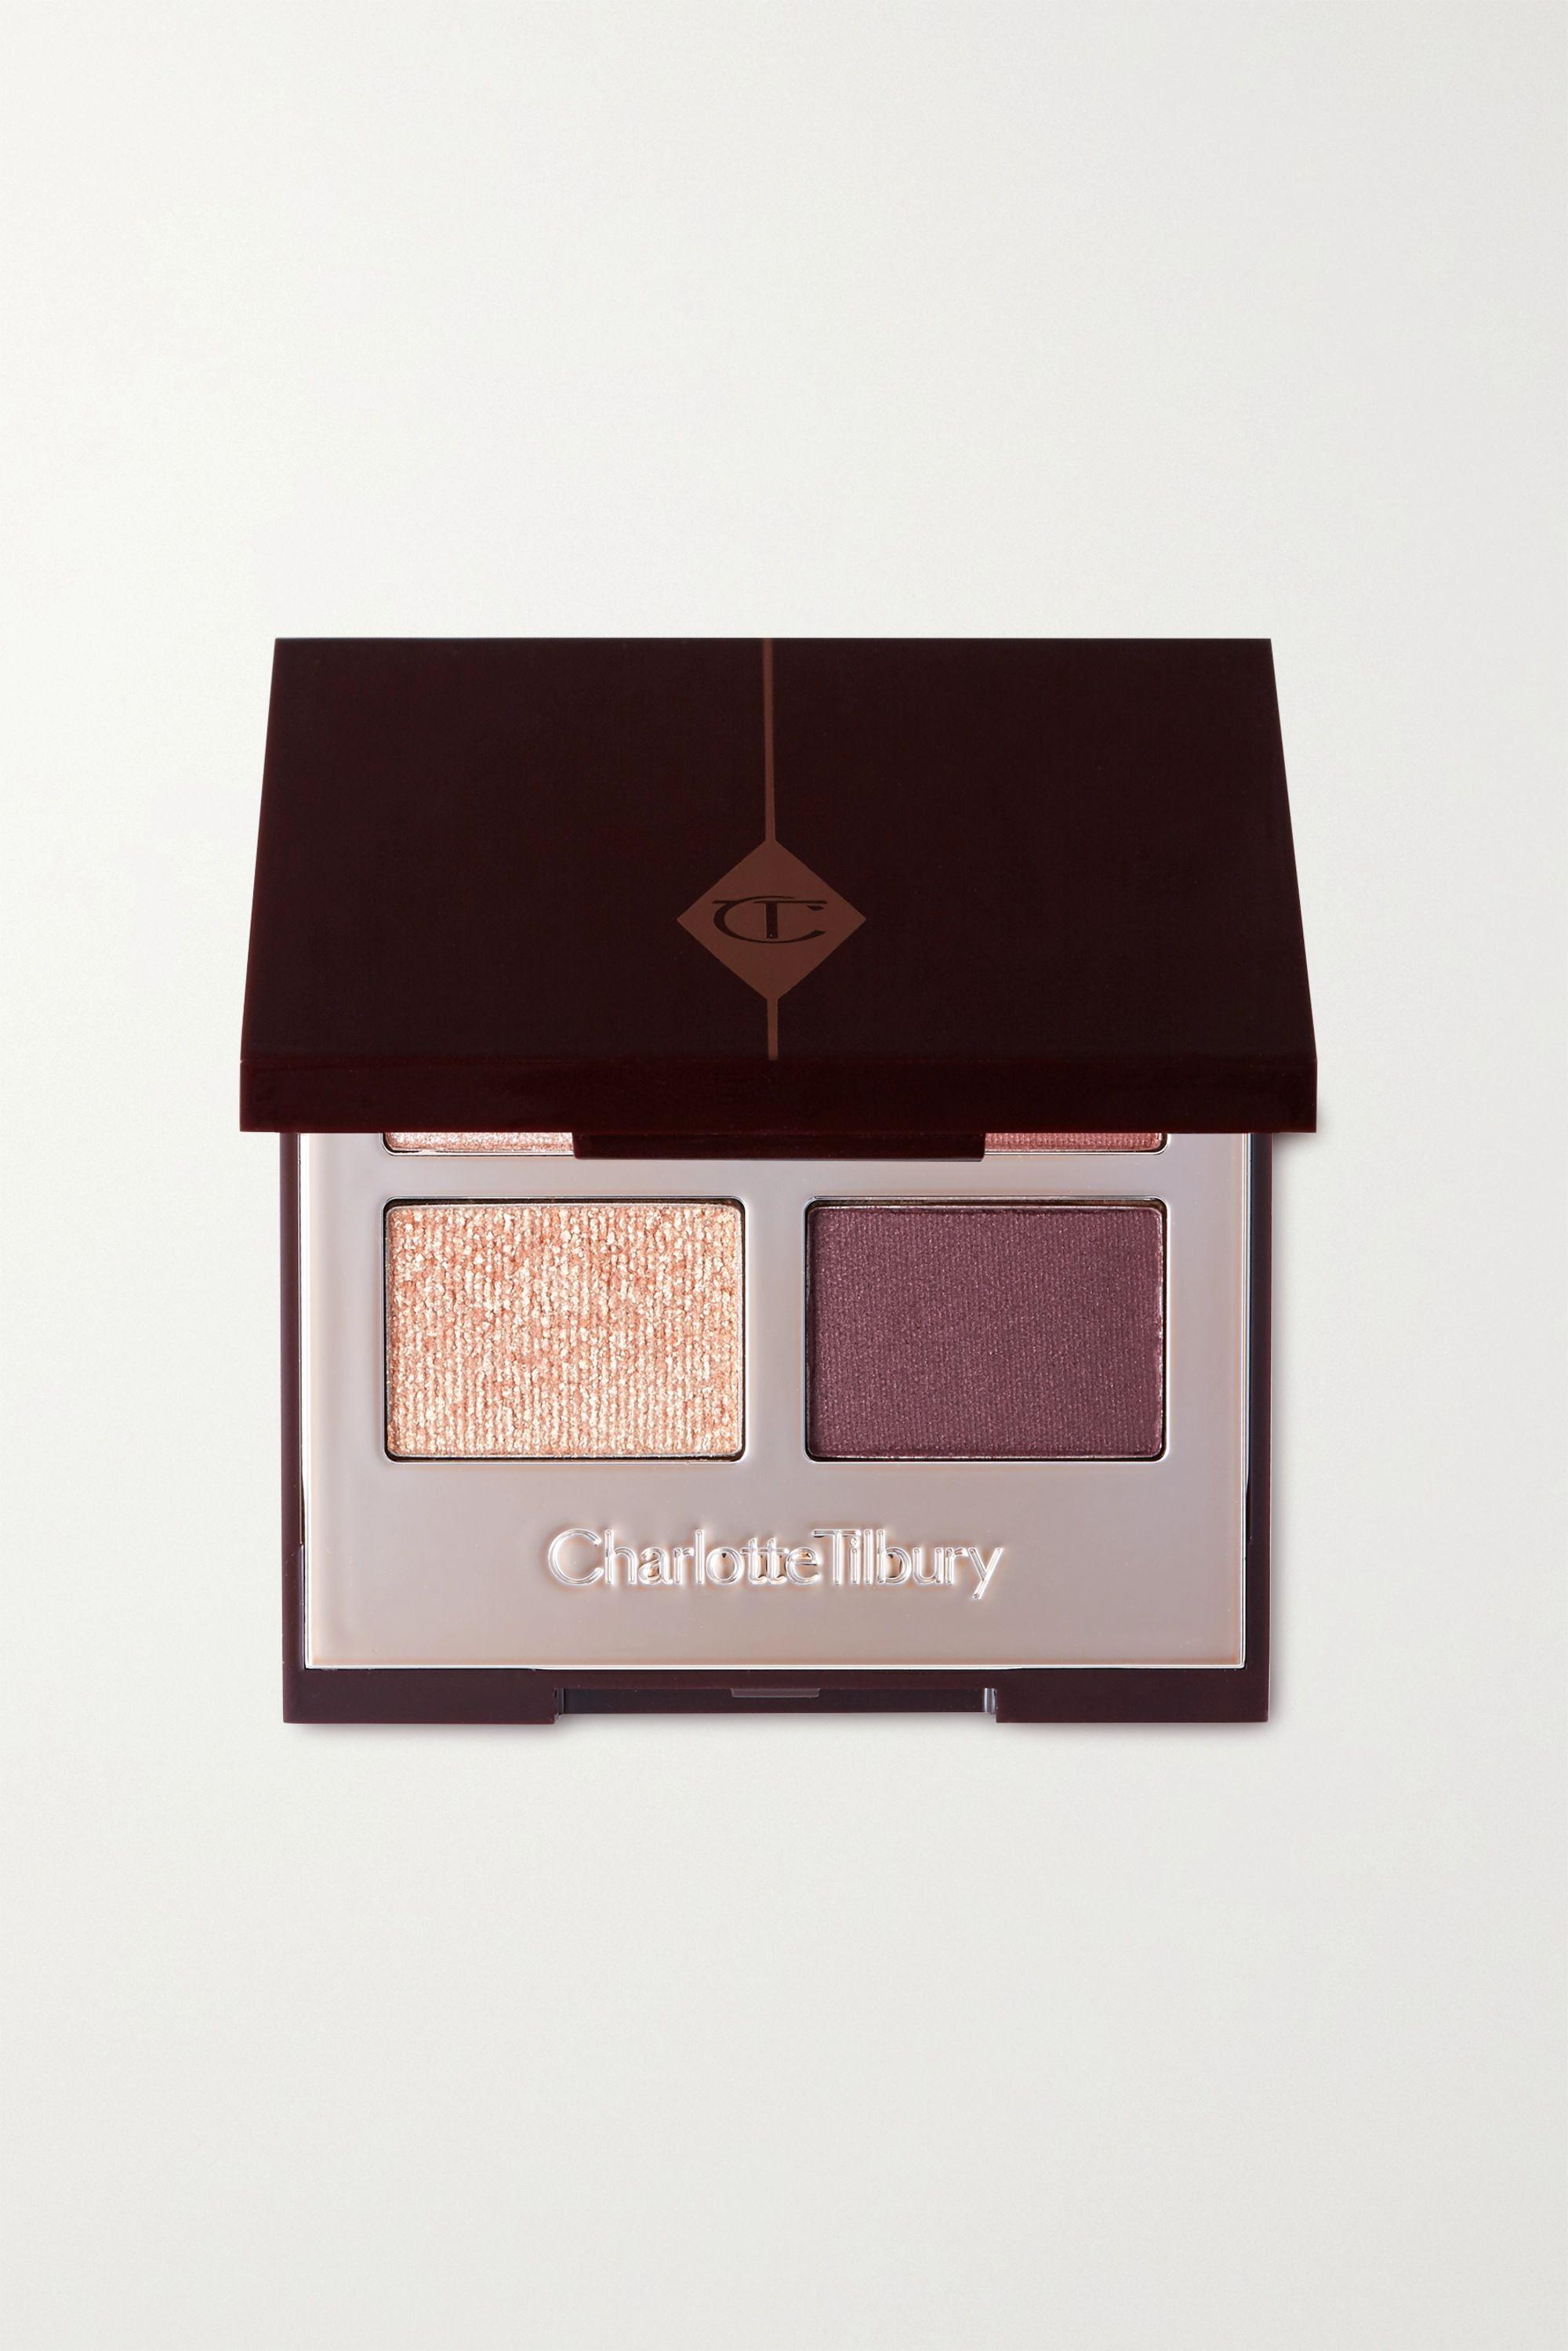 Charlotte Tilbury Palette d'ombres à paupières Luxury, The Vintage Vamp